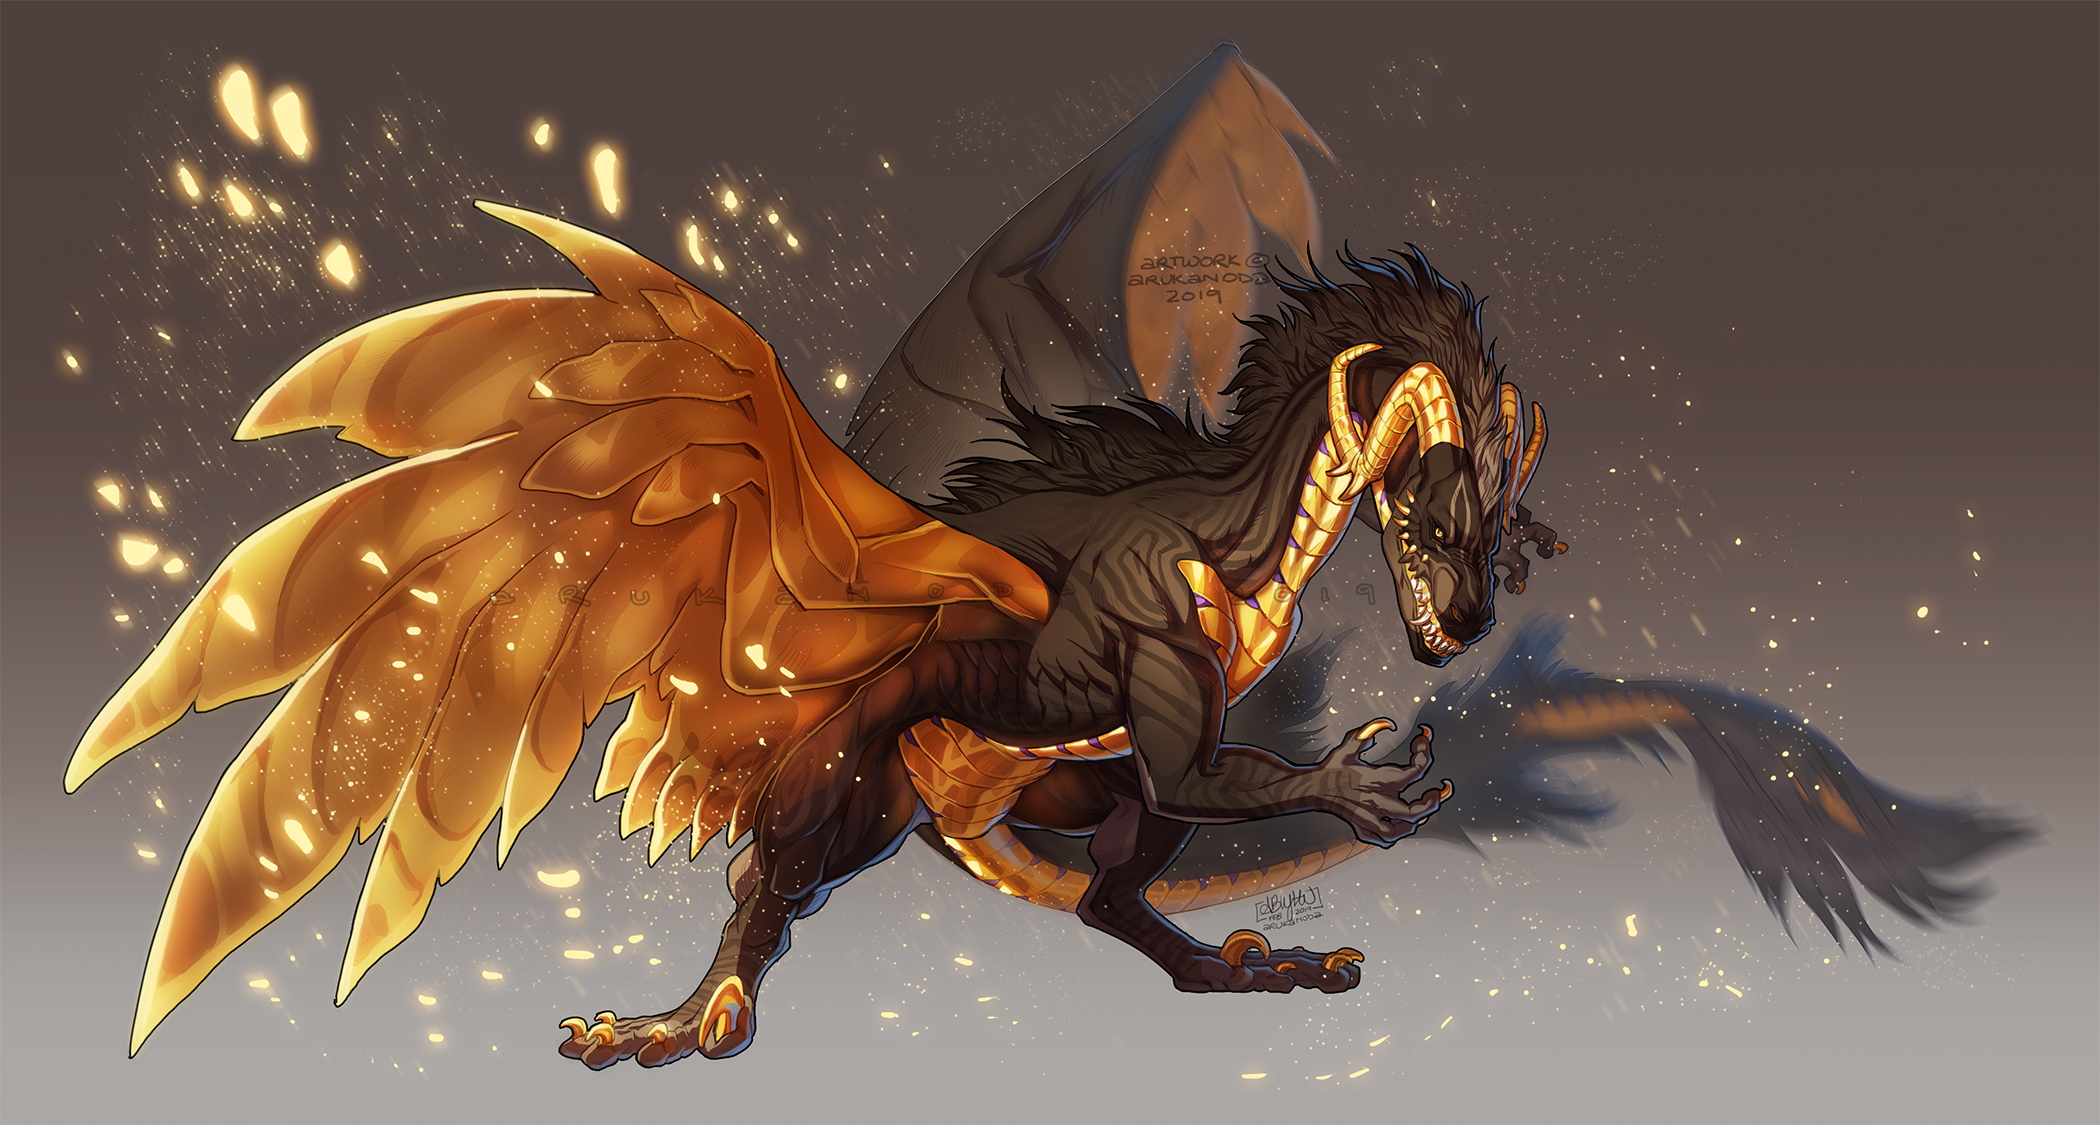 Cute lil dragon   Northern lights tattoo, Art, Dragon dreaming